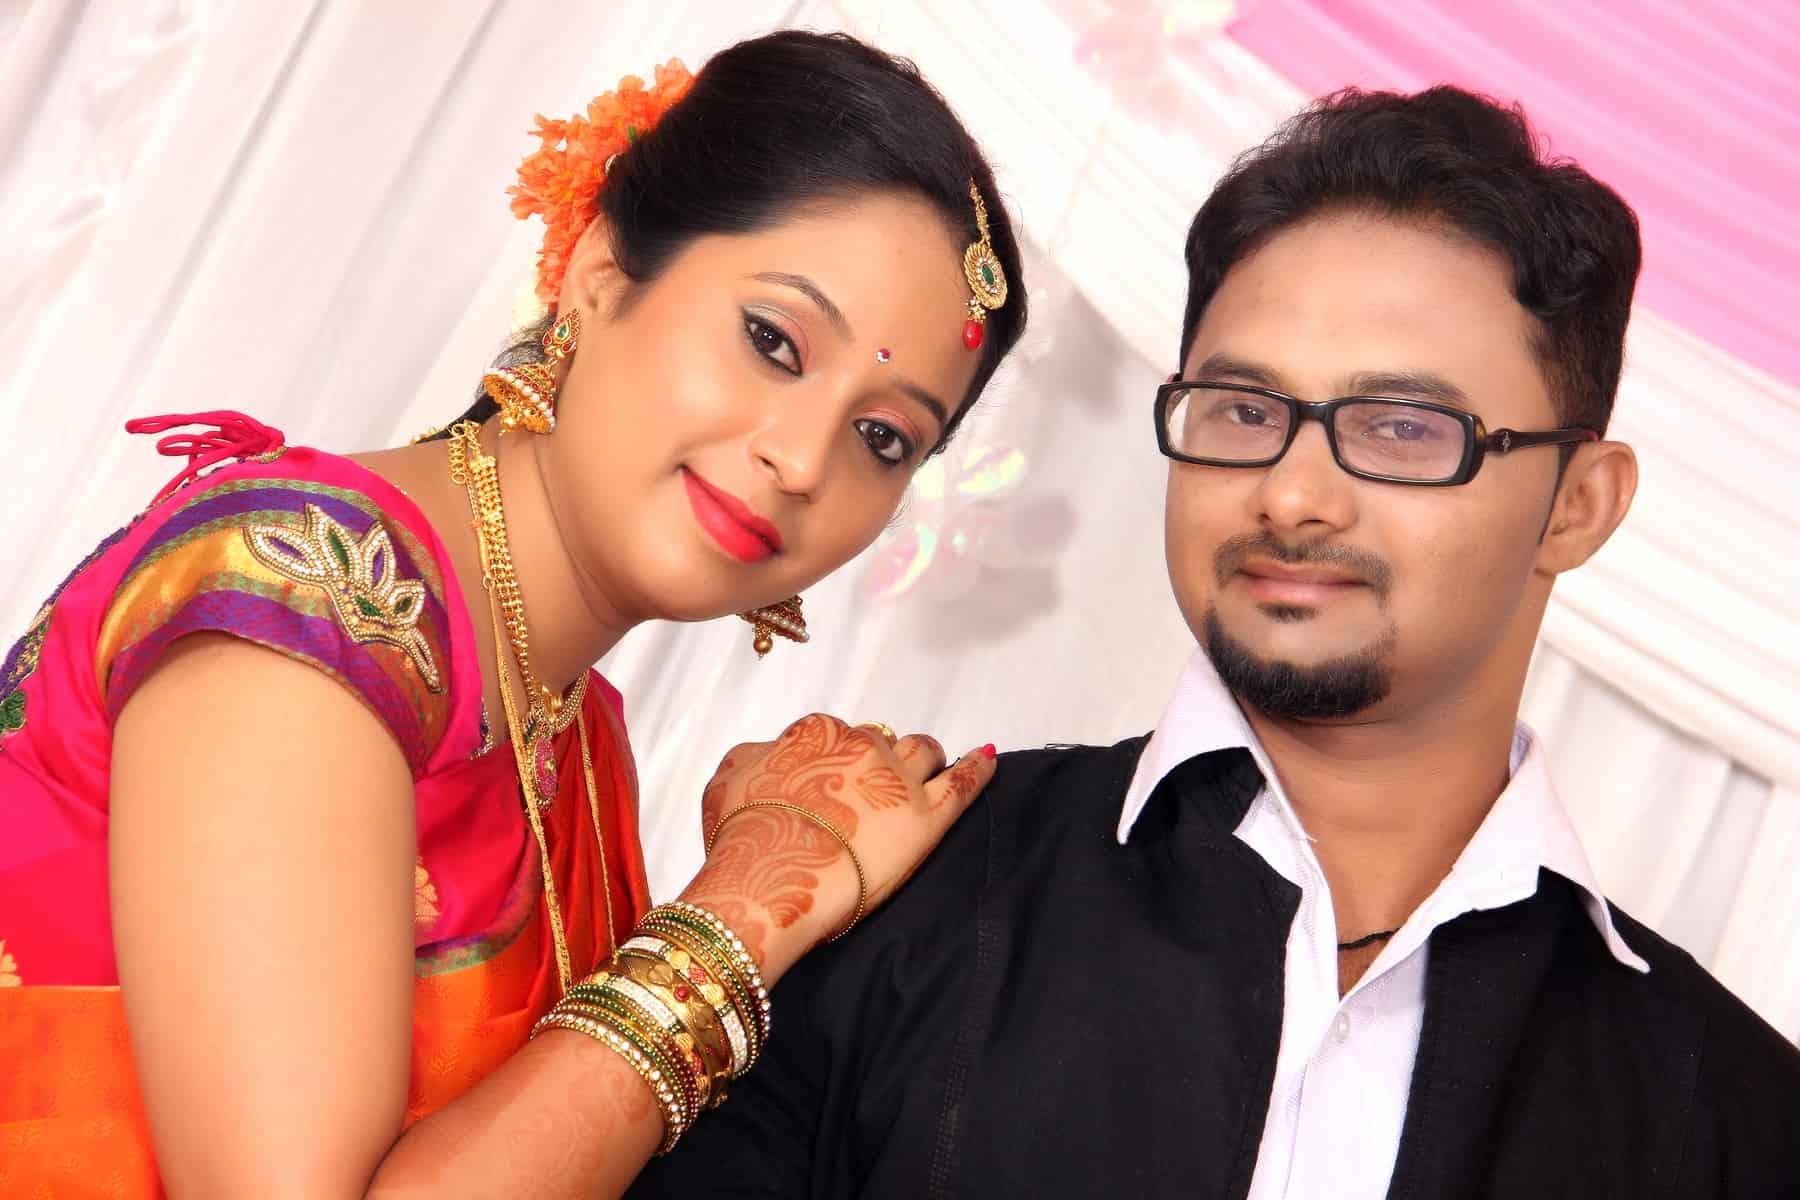 Vinayaka nagar in bangalore dating